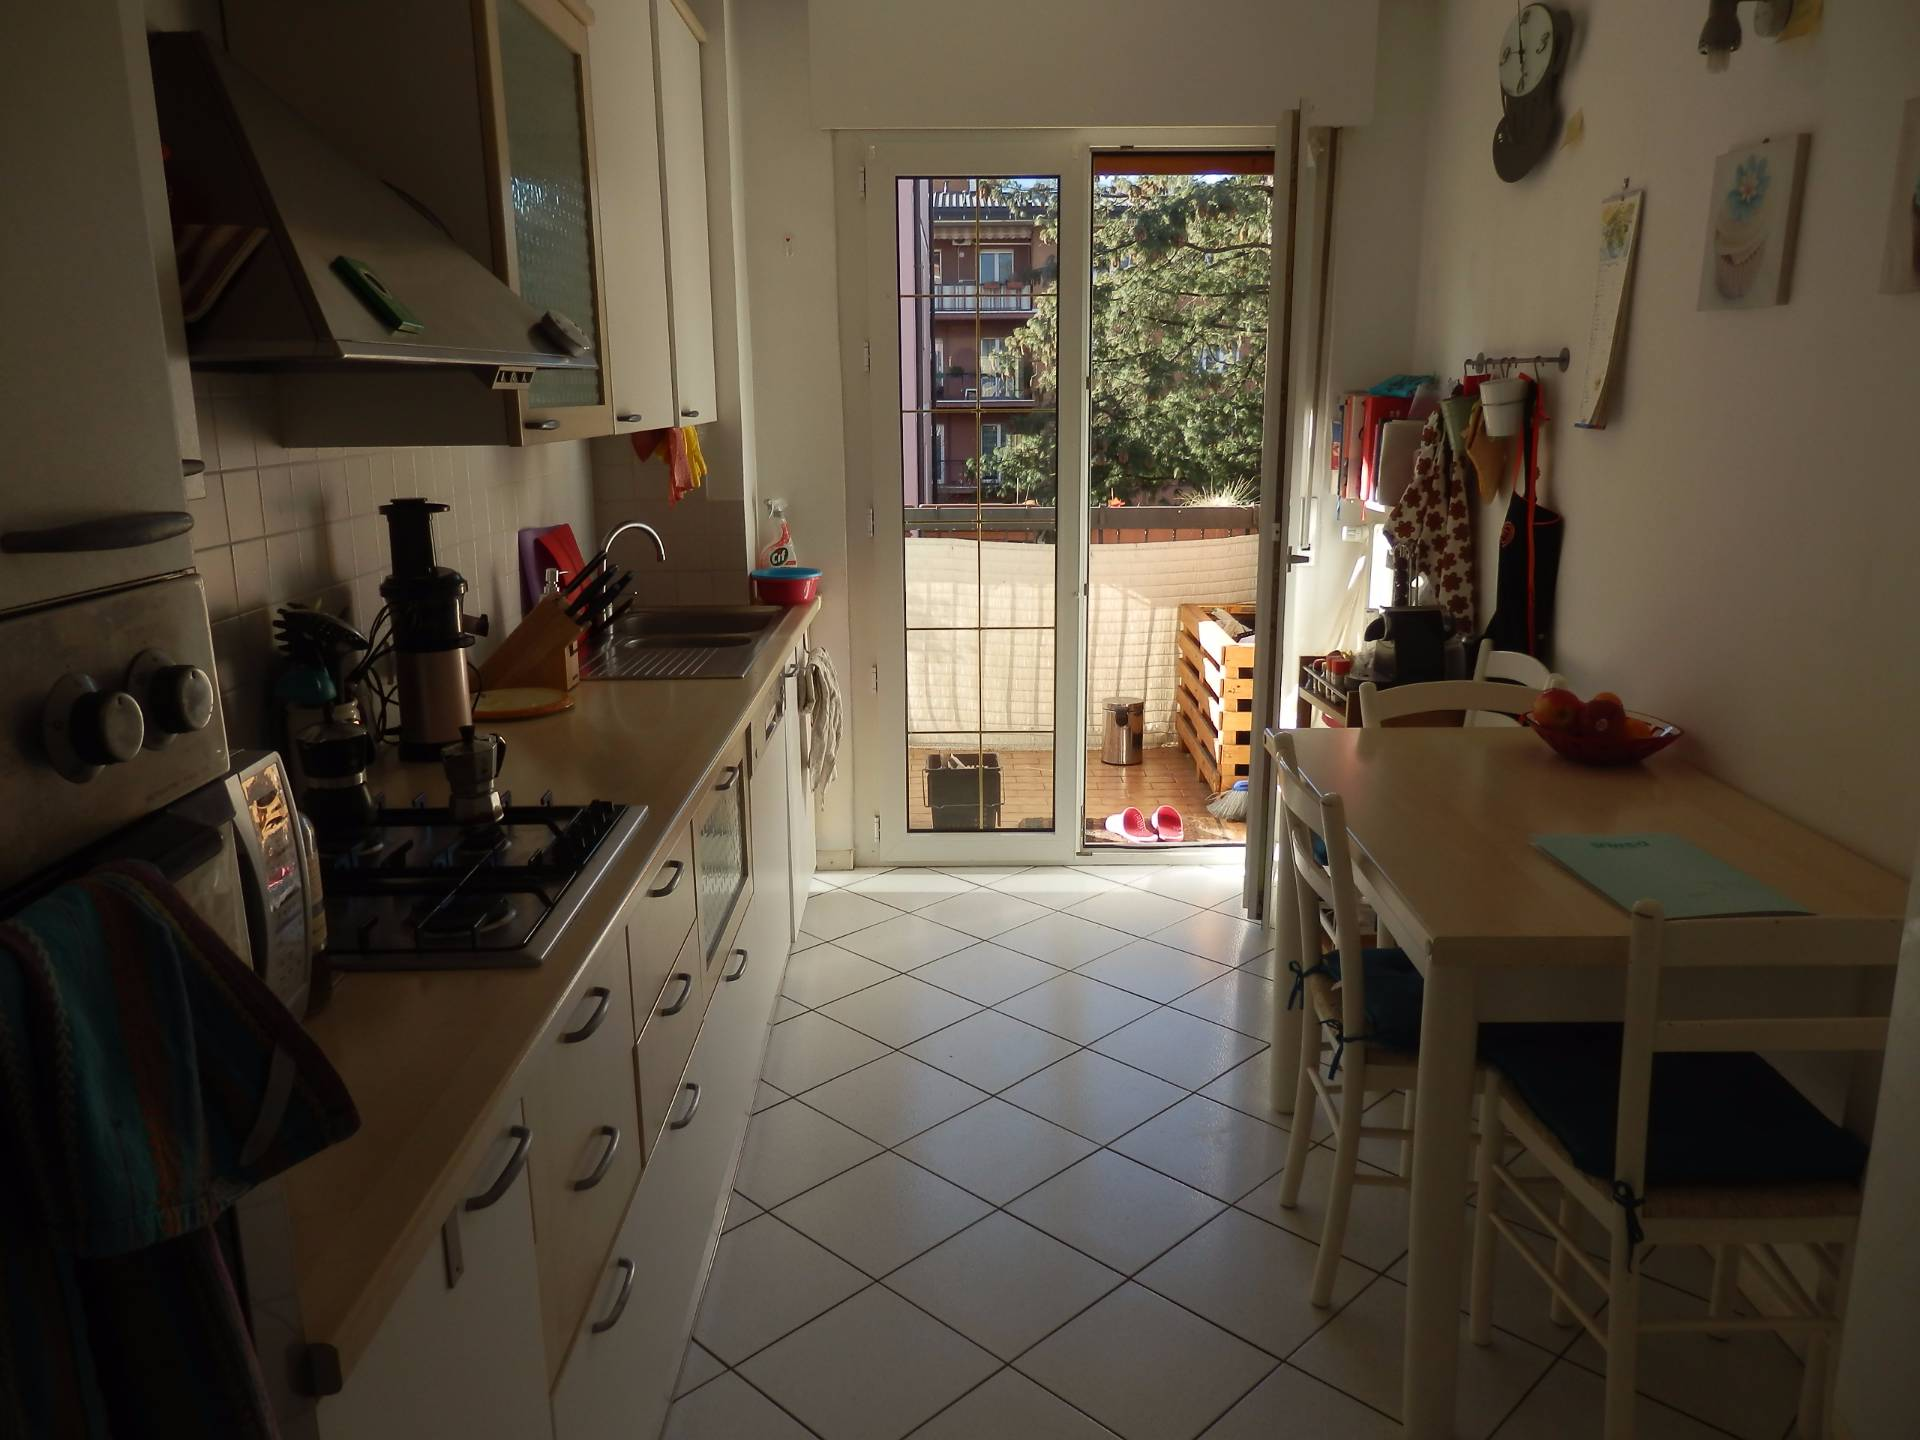 Appartamento in affitto a Bolzano, 4 locali, zona Zona: Residenziale, prezzo € 800 | Cambio Casa.it